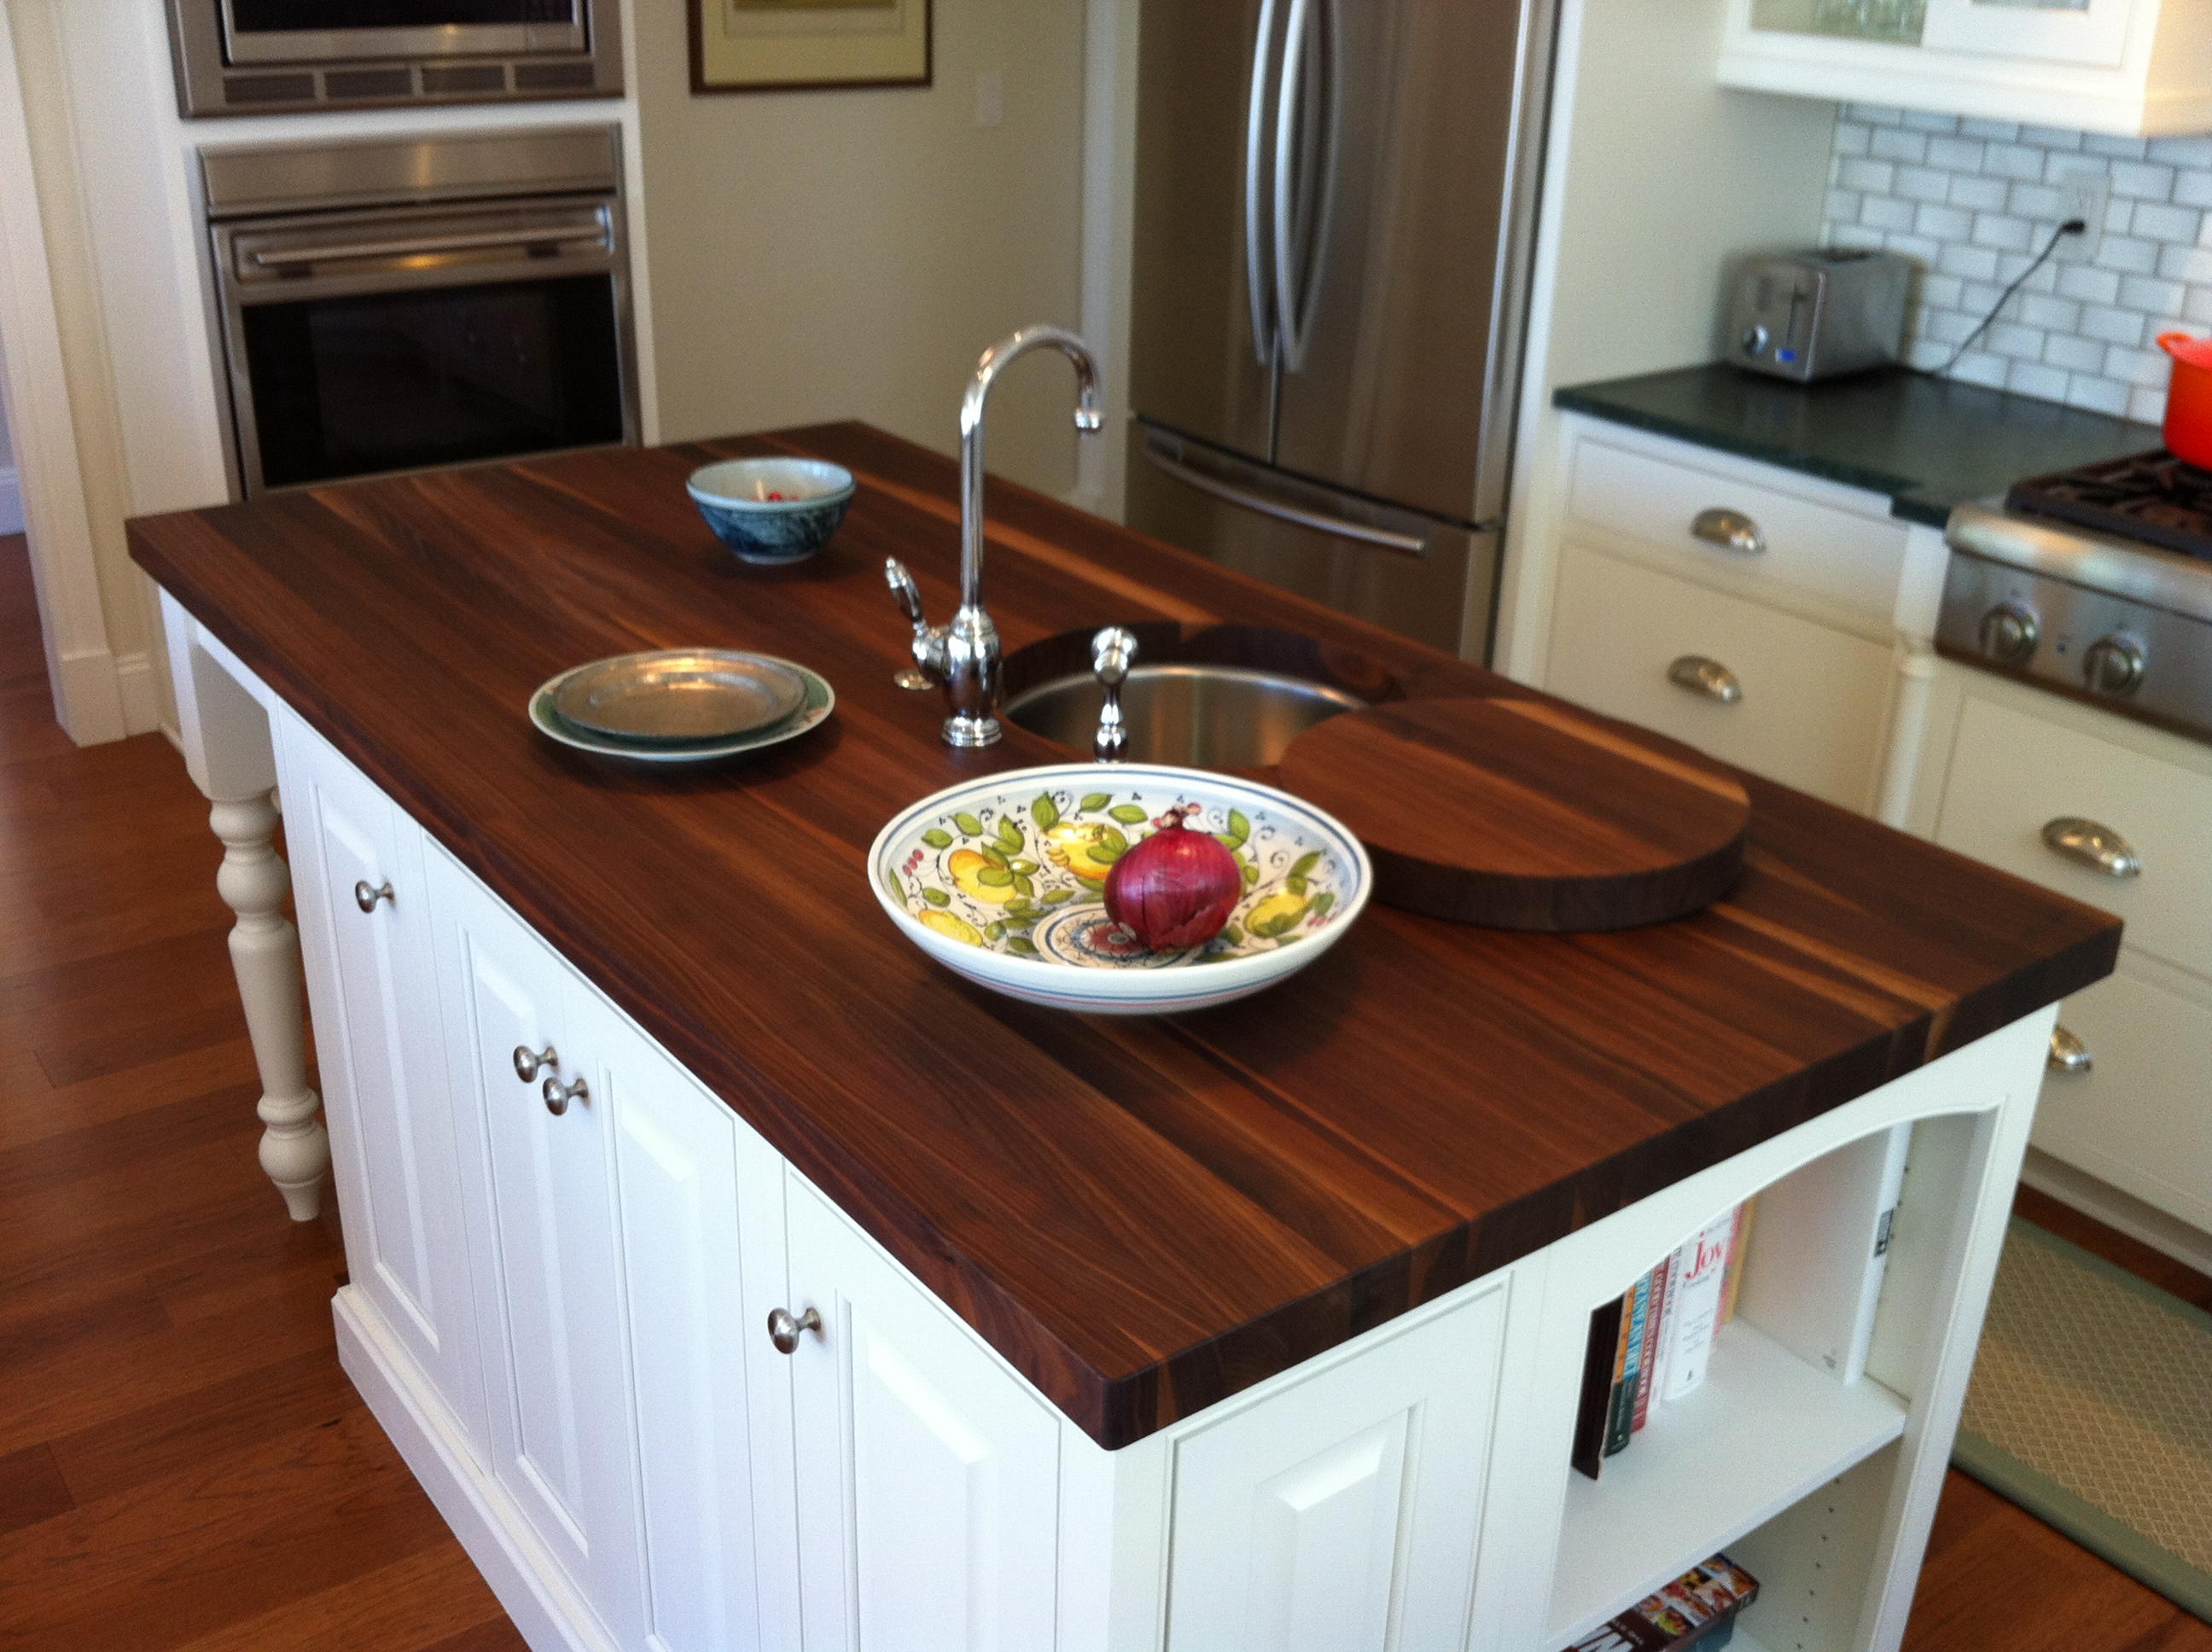 Деревянные кухонные столешницы. Кухонные острова из темного дерева - фото 3